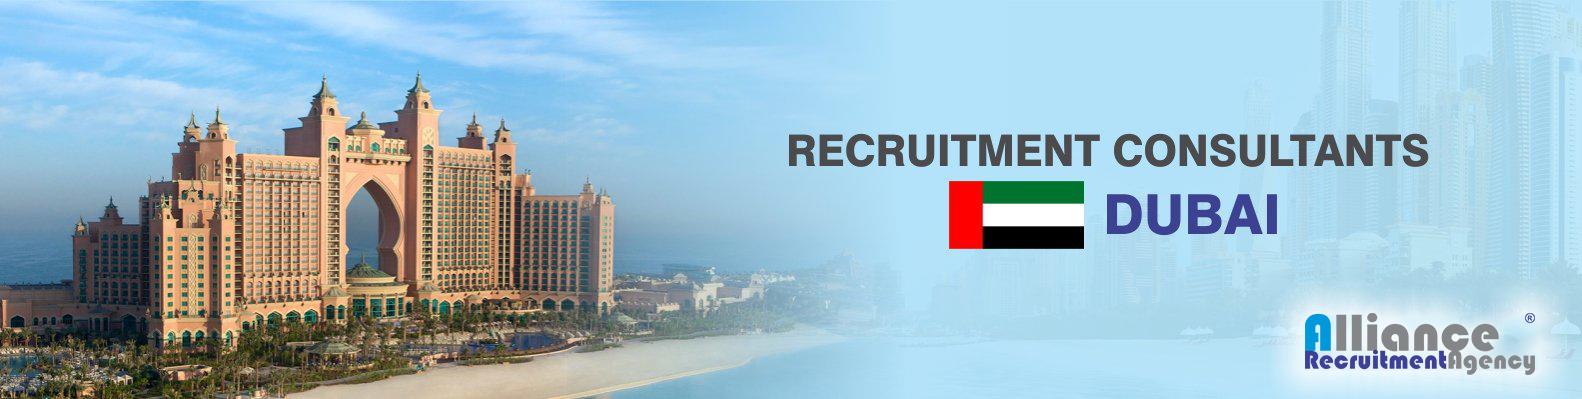 recruitment consultant dubai